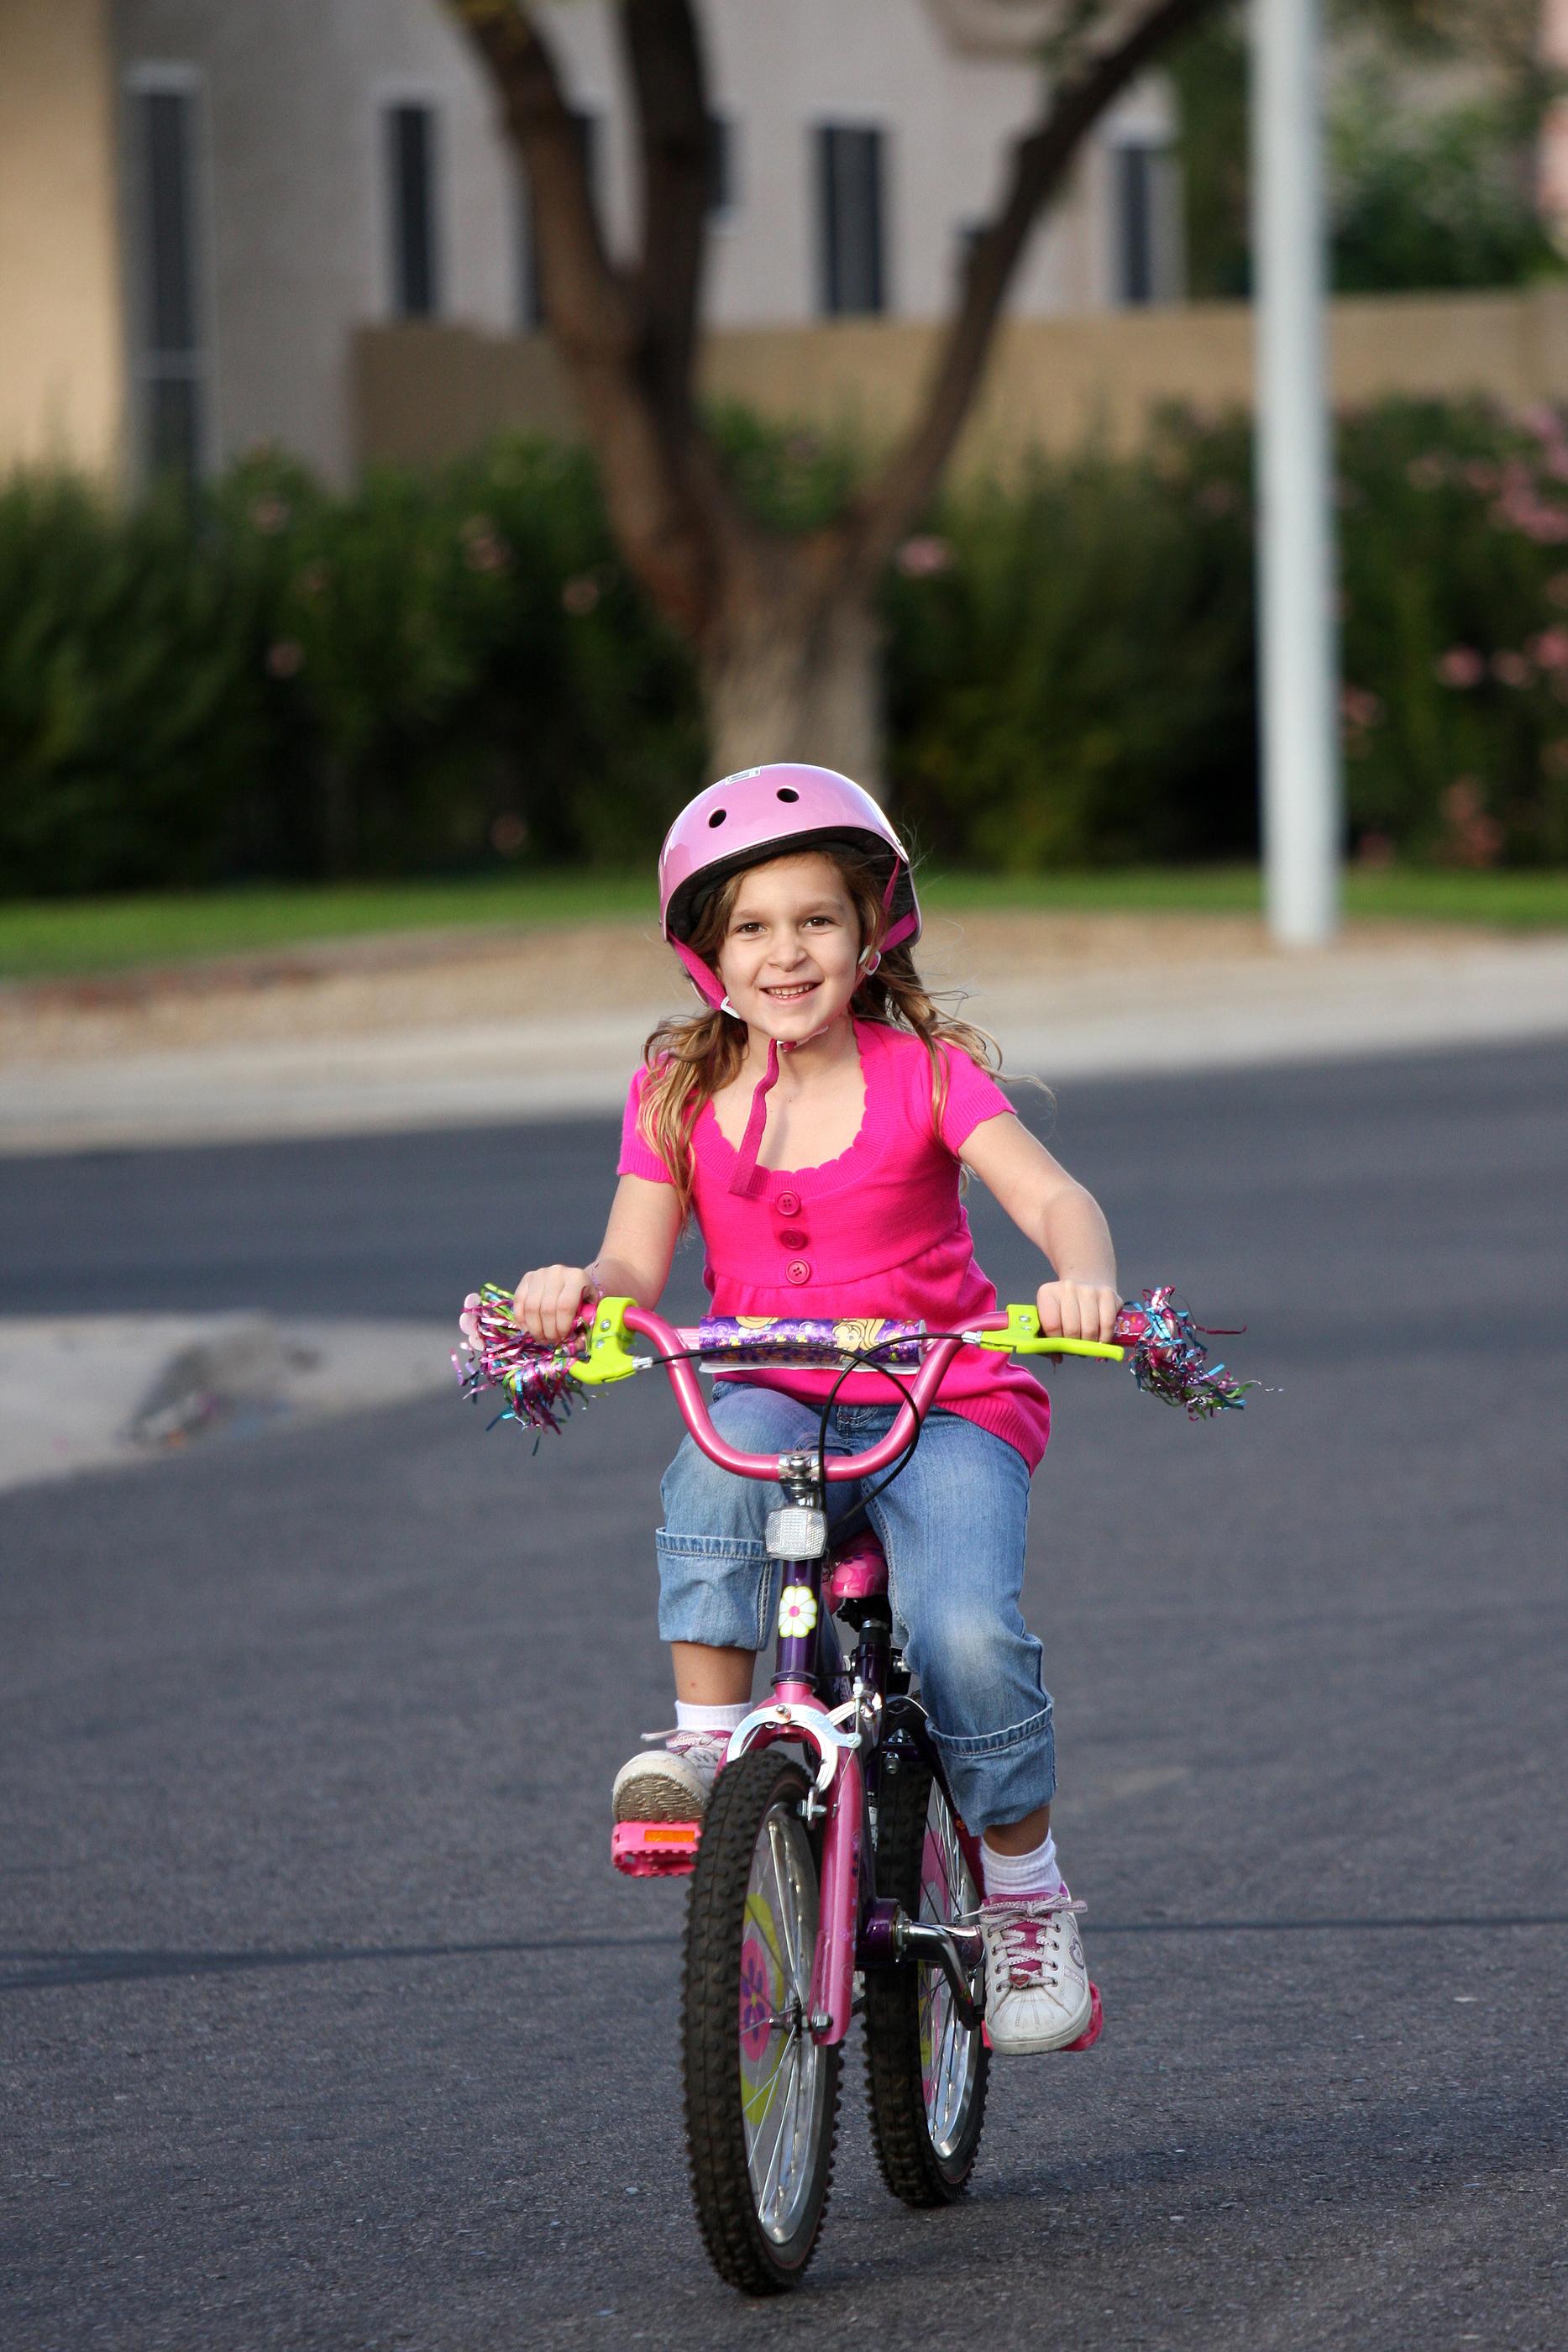 bigstock-Bike-Riding-5228038.jpg